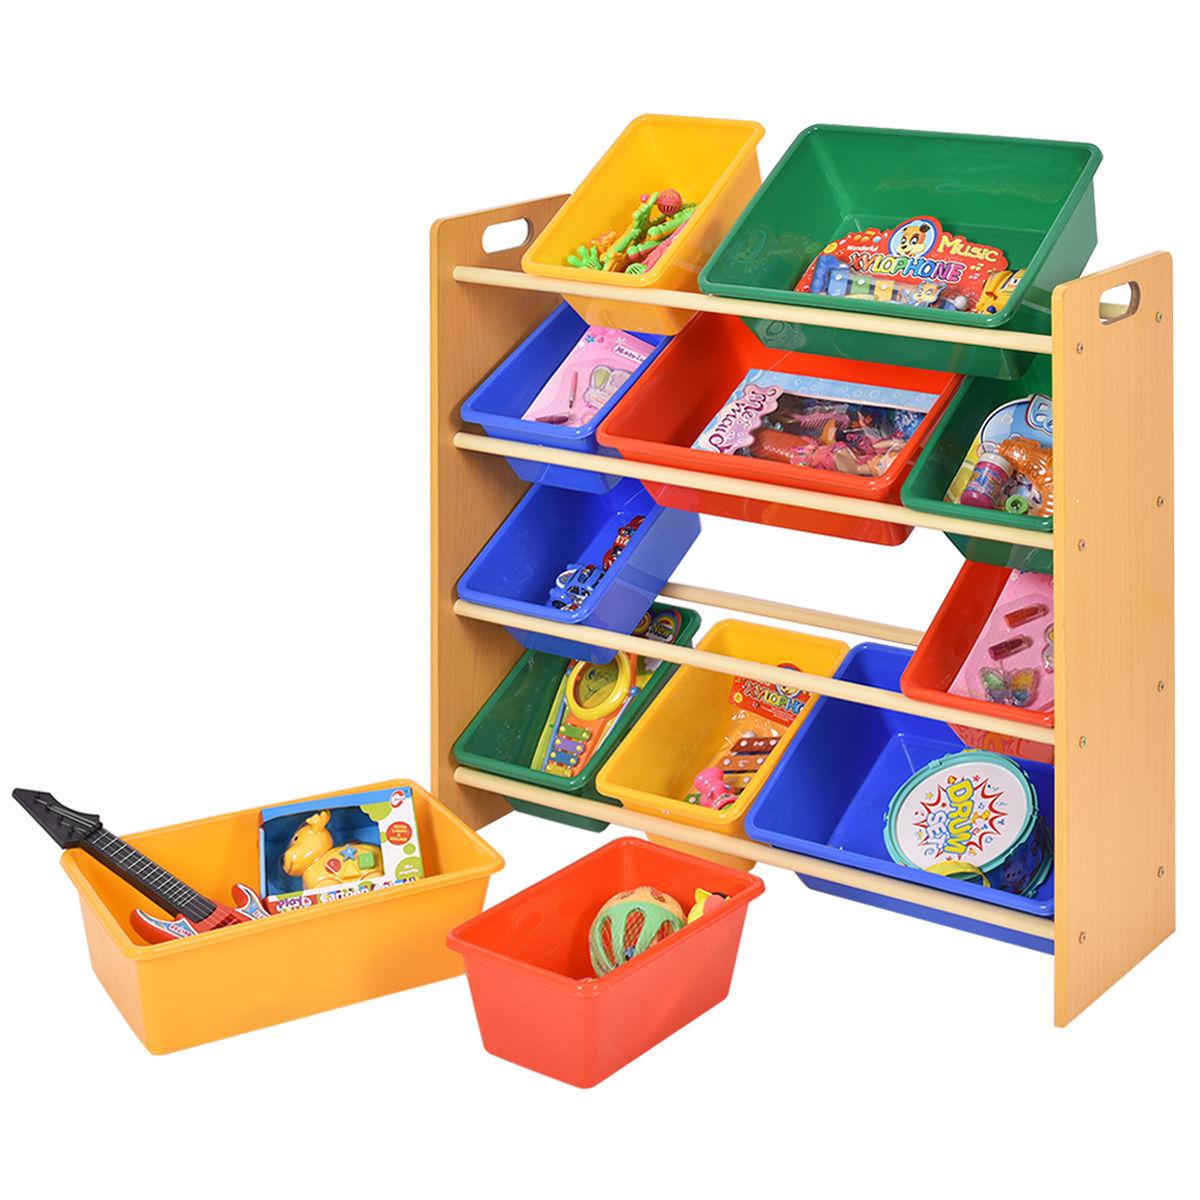 Boîte de rangement pour jouets | Organisateur de bacs à jouets, boîte de rangement pour enfants, salle de jeux, chambre à coucher, étagère à tiroirs